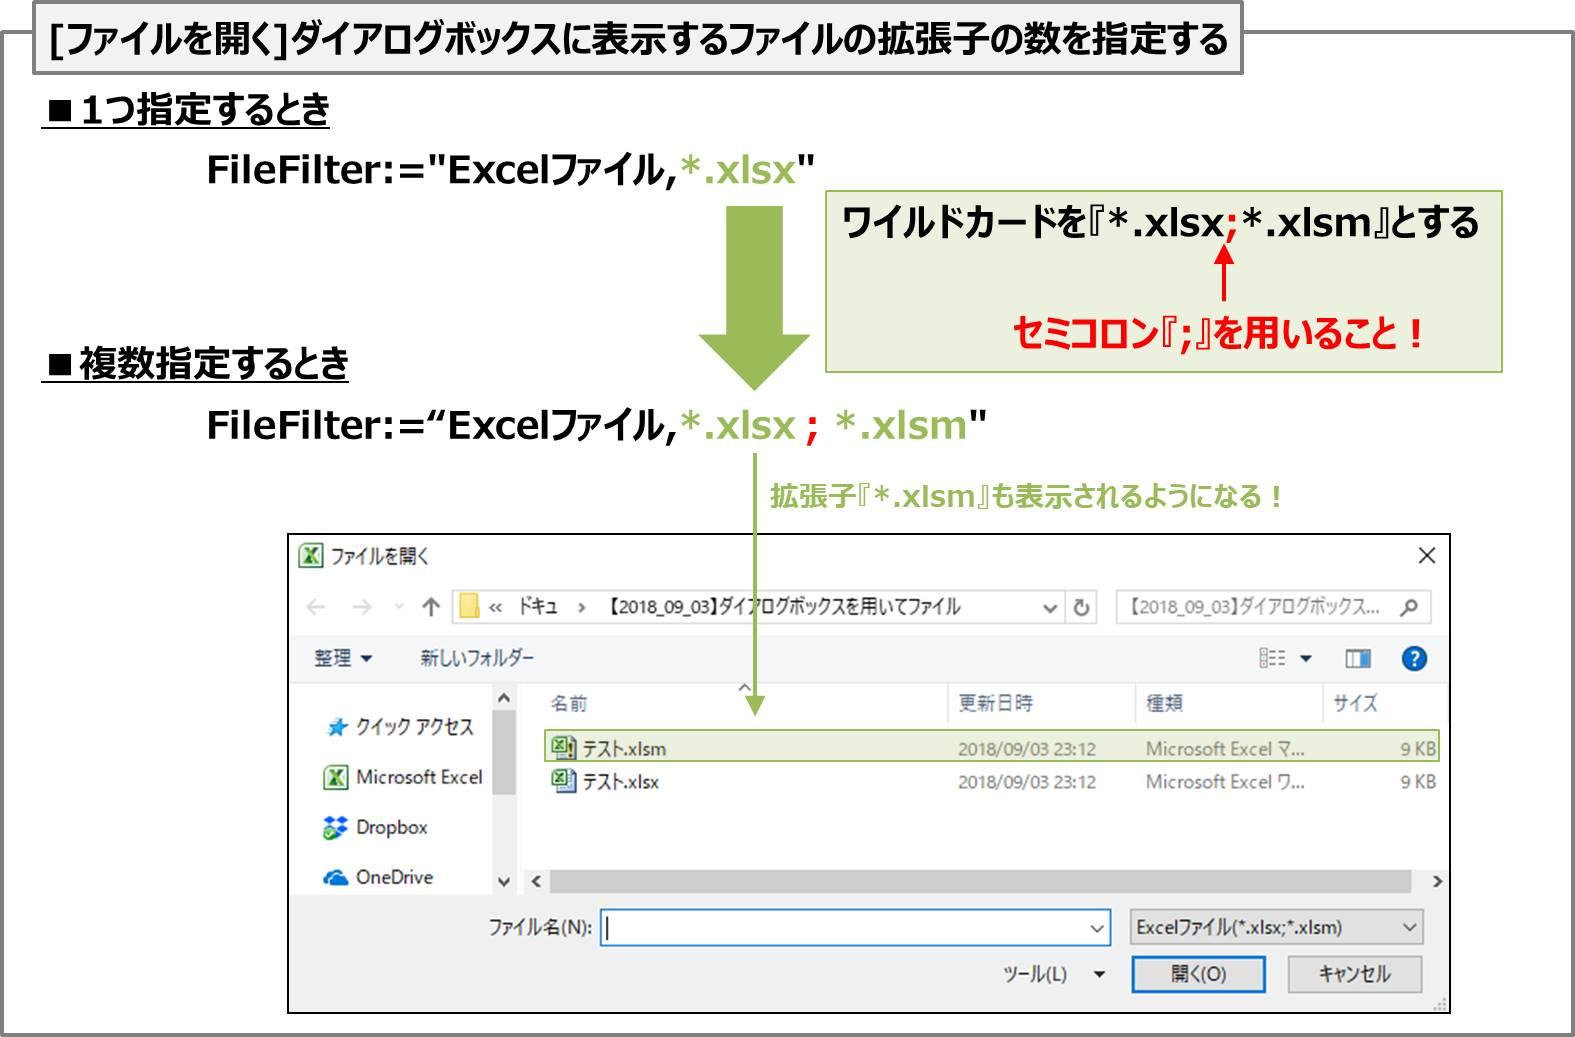 [ファイルを開く]ダイアログボックスに表示するファイルの拡張子の数を指定する